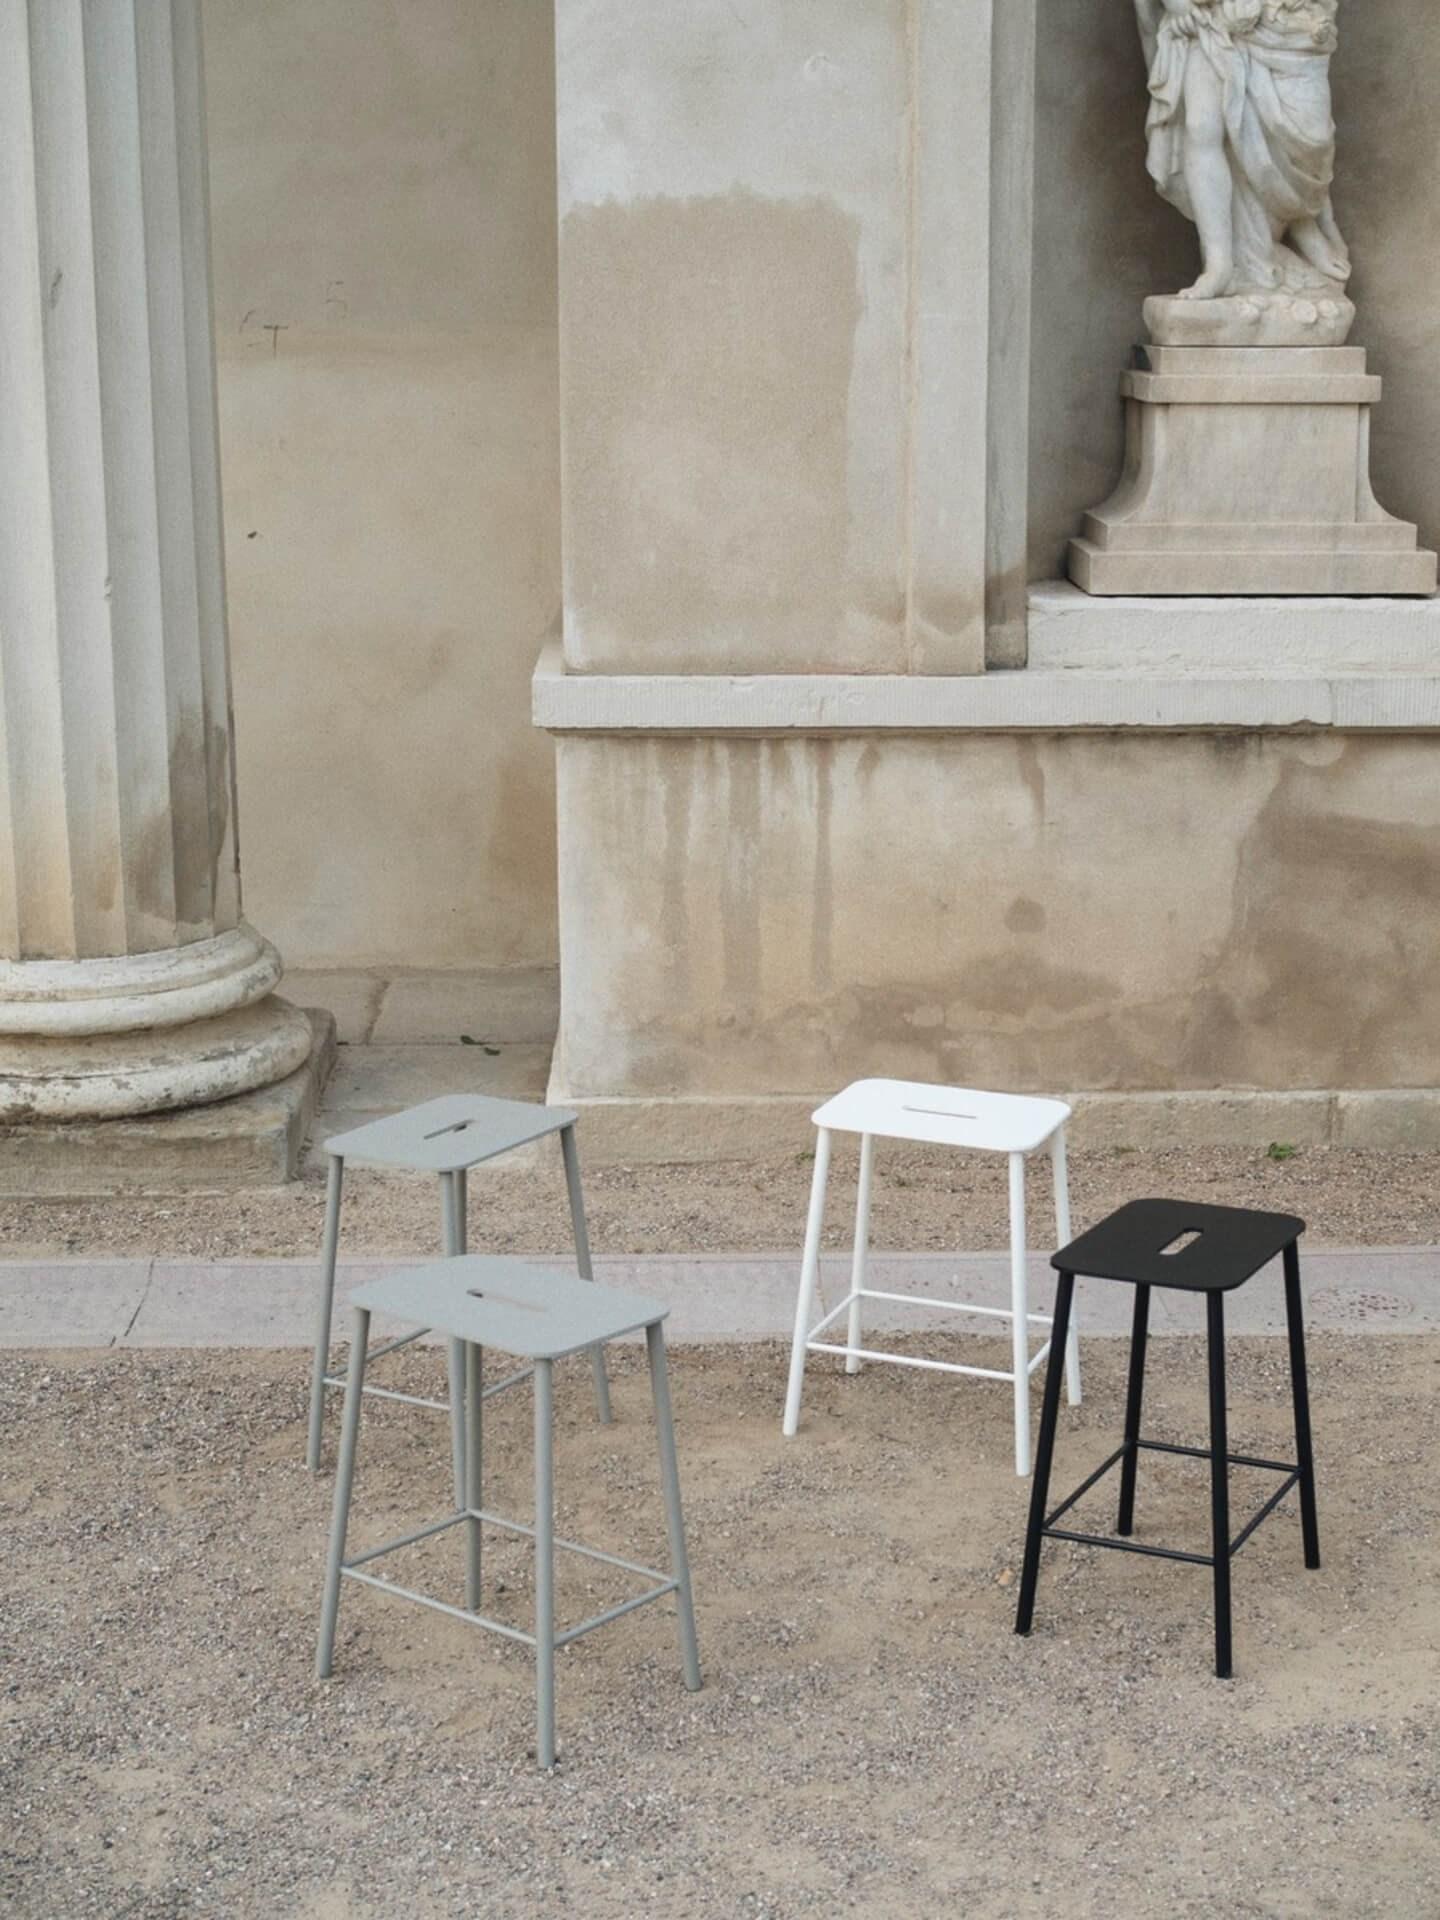 Miljøbilde krakk til bad i stål. Nærbilde av Adam stool i sort, hvit og grå fra Frama i beige omgivelser utendørs.